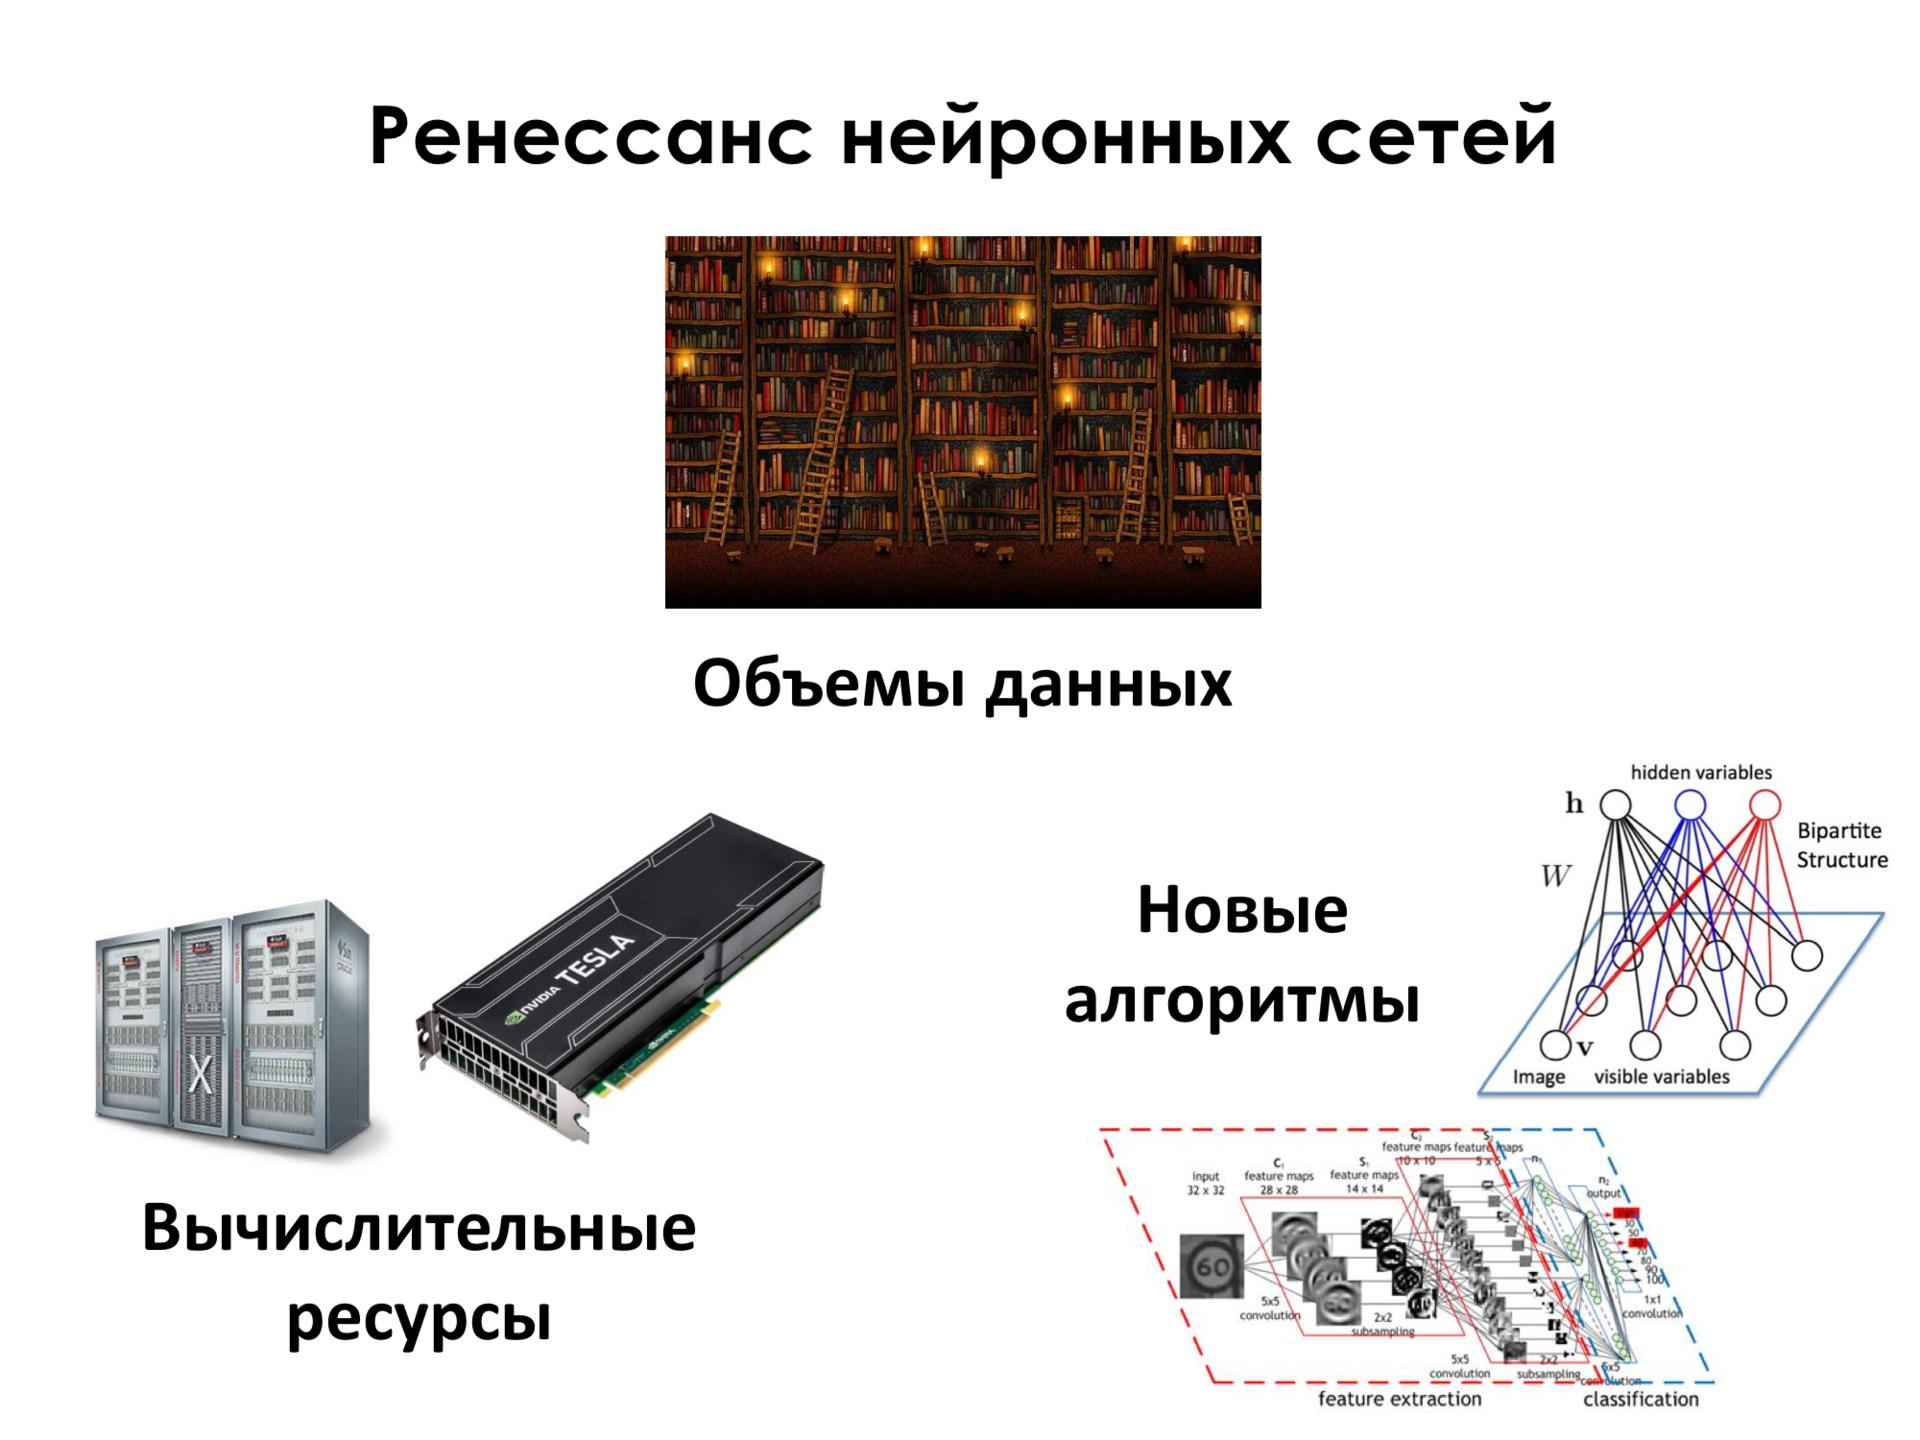 Самое главное о нейронных сетях. Лекция в Яндексе - 9